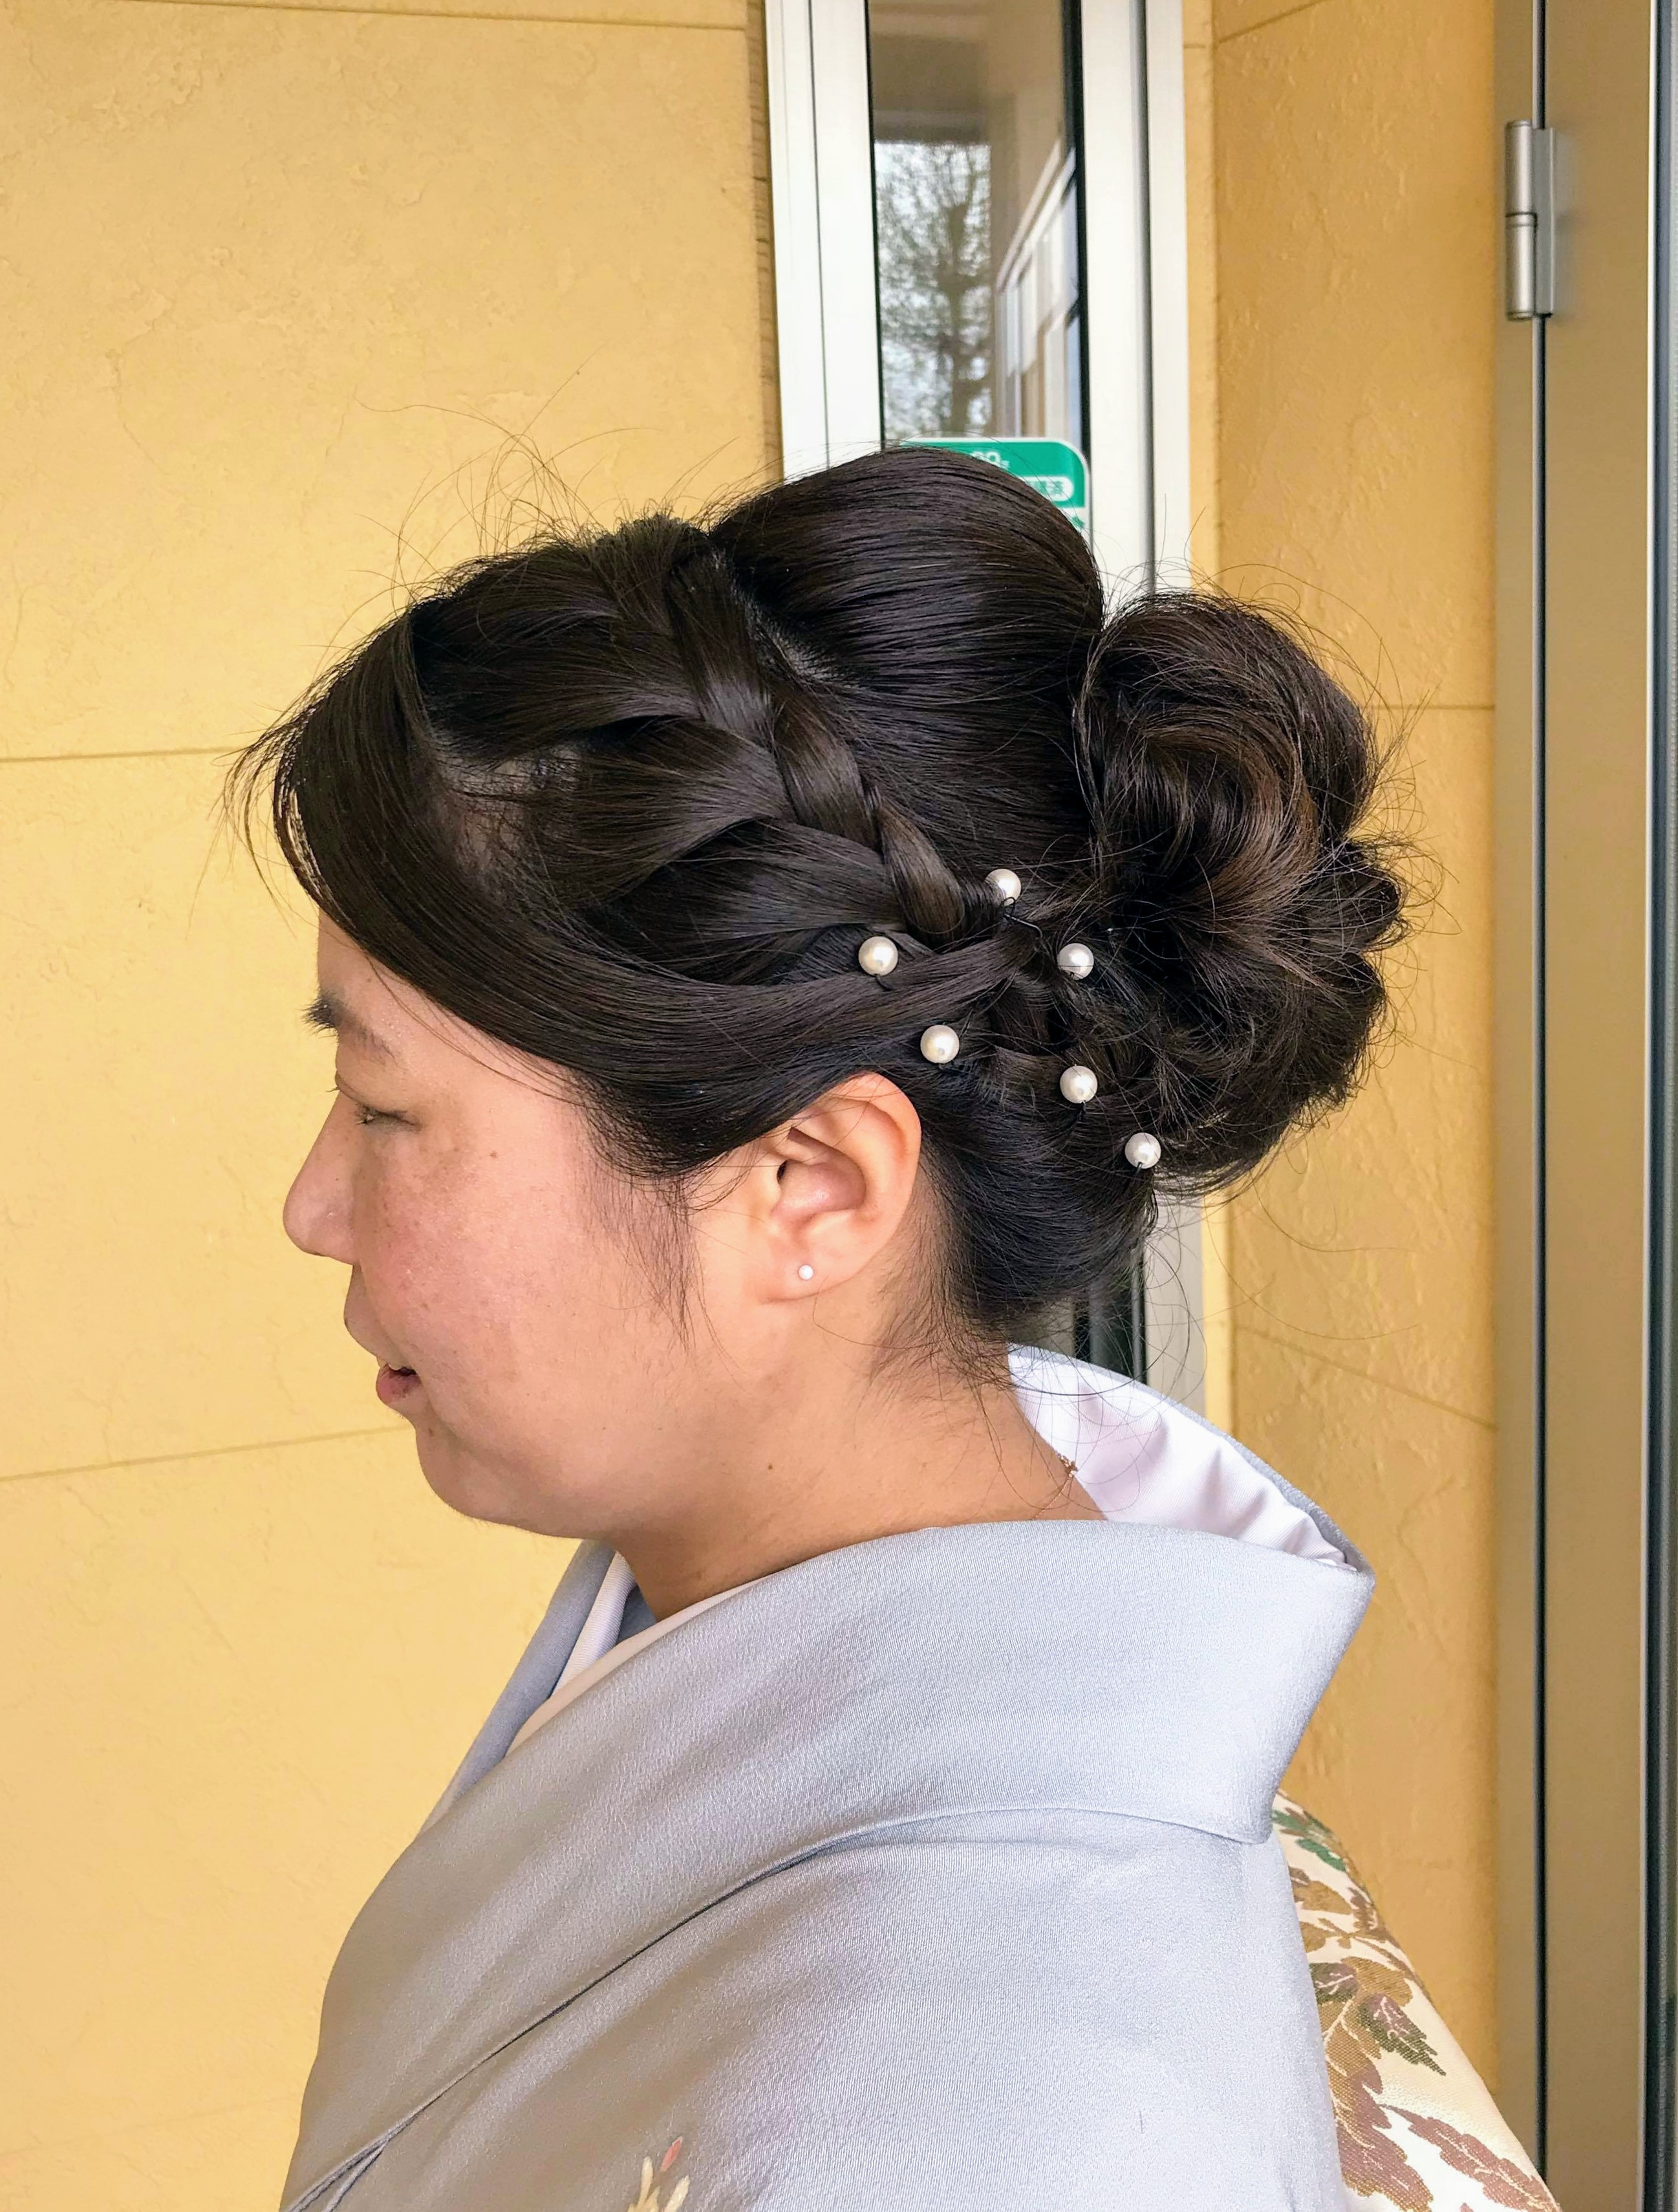 女性和装ヘアセット・ヘアアレンジ プライベートサロンwith-n